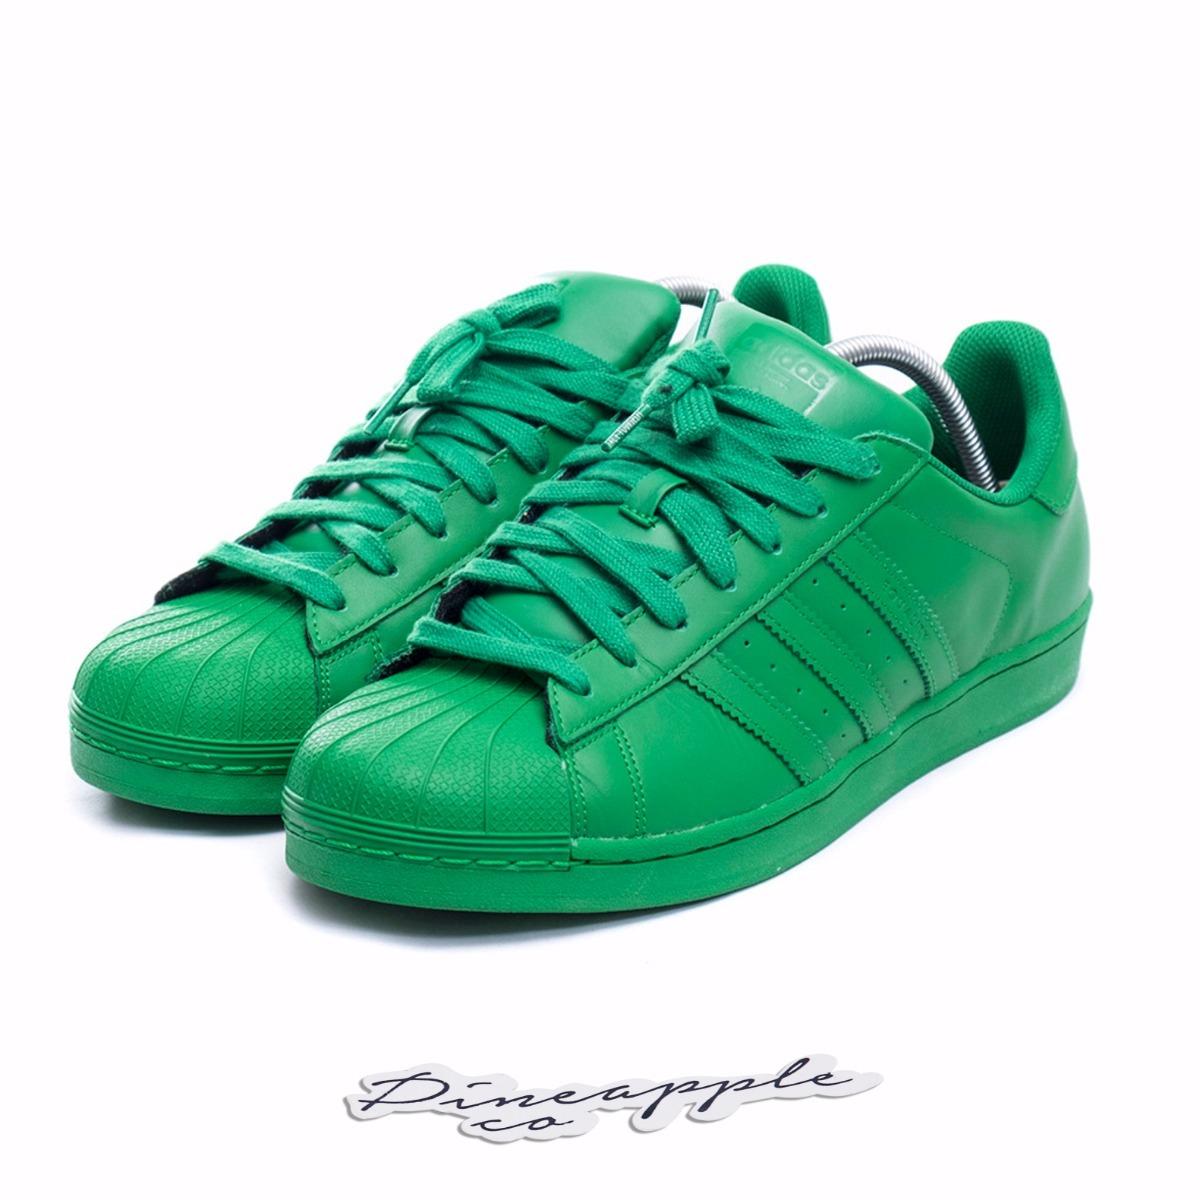 08ca46535 ... discount adidas superstar x pharrell williams supercolor green.  carregando zoom. 6d01e 92c7a